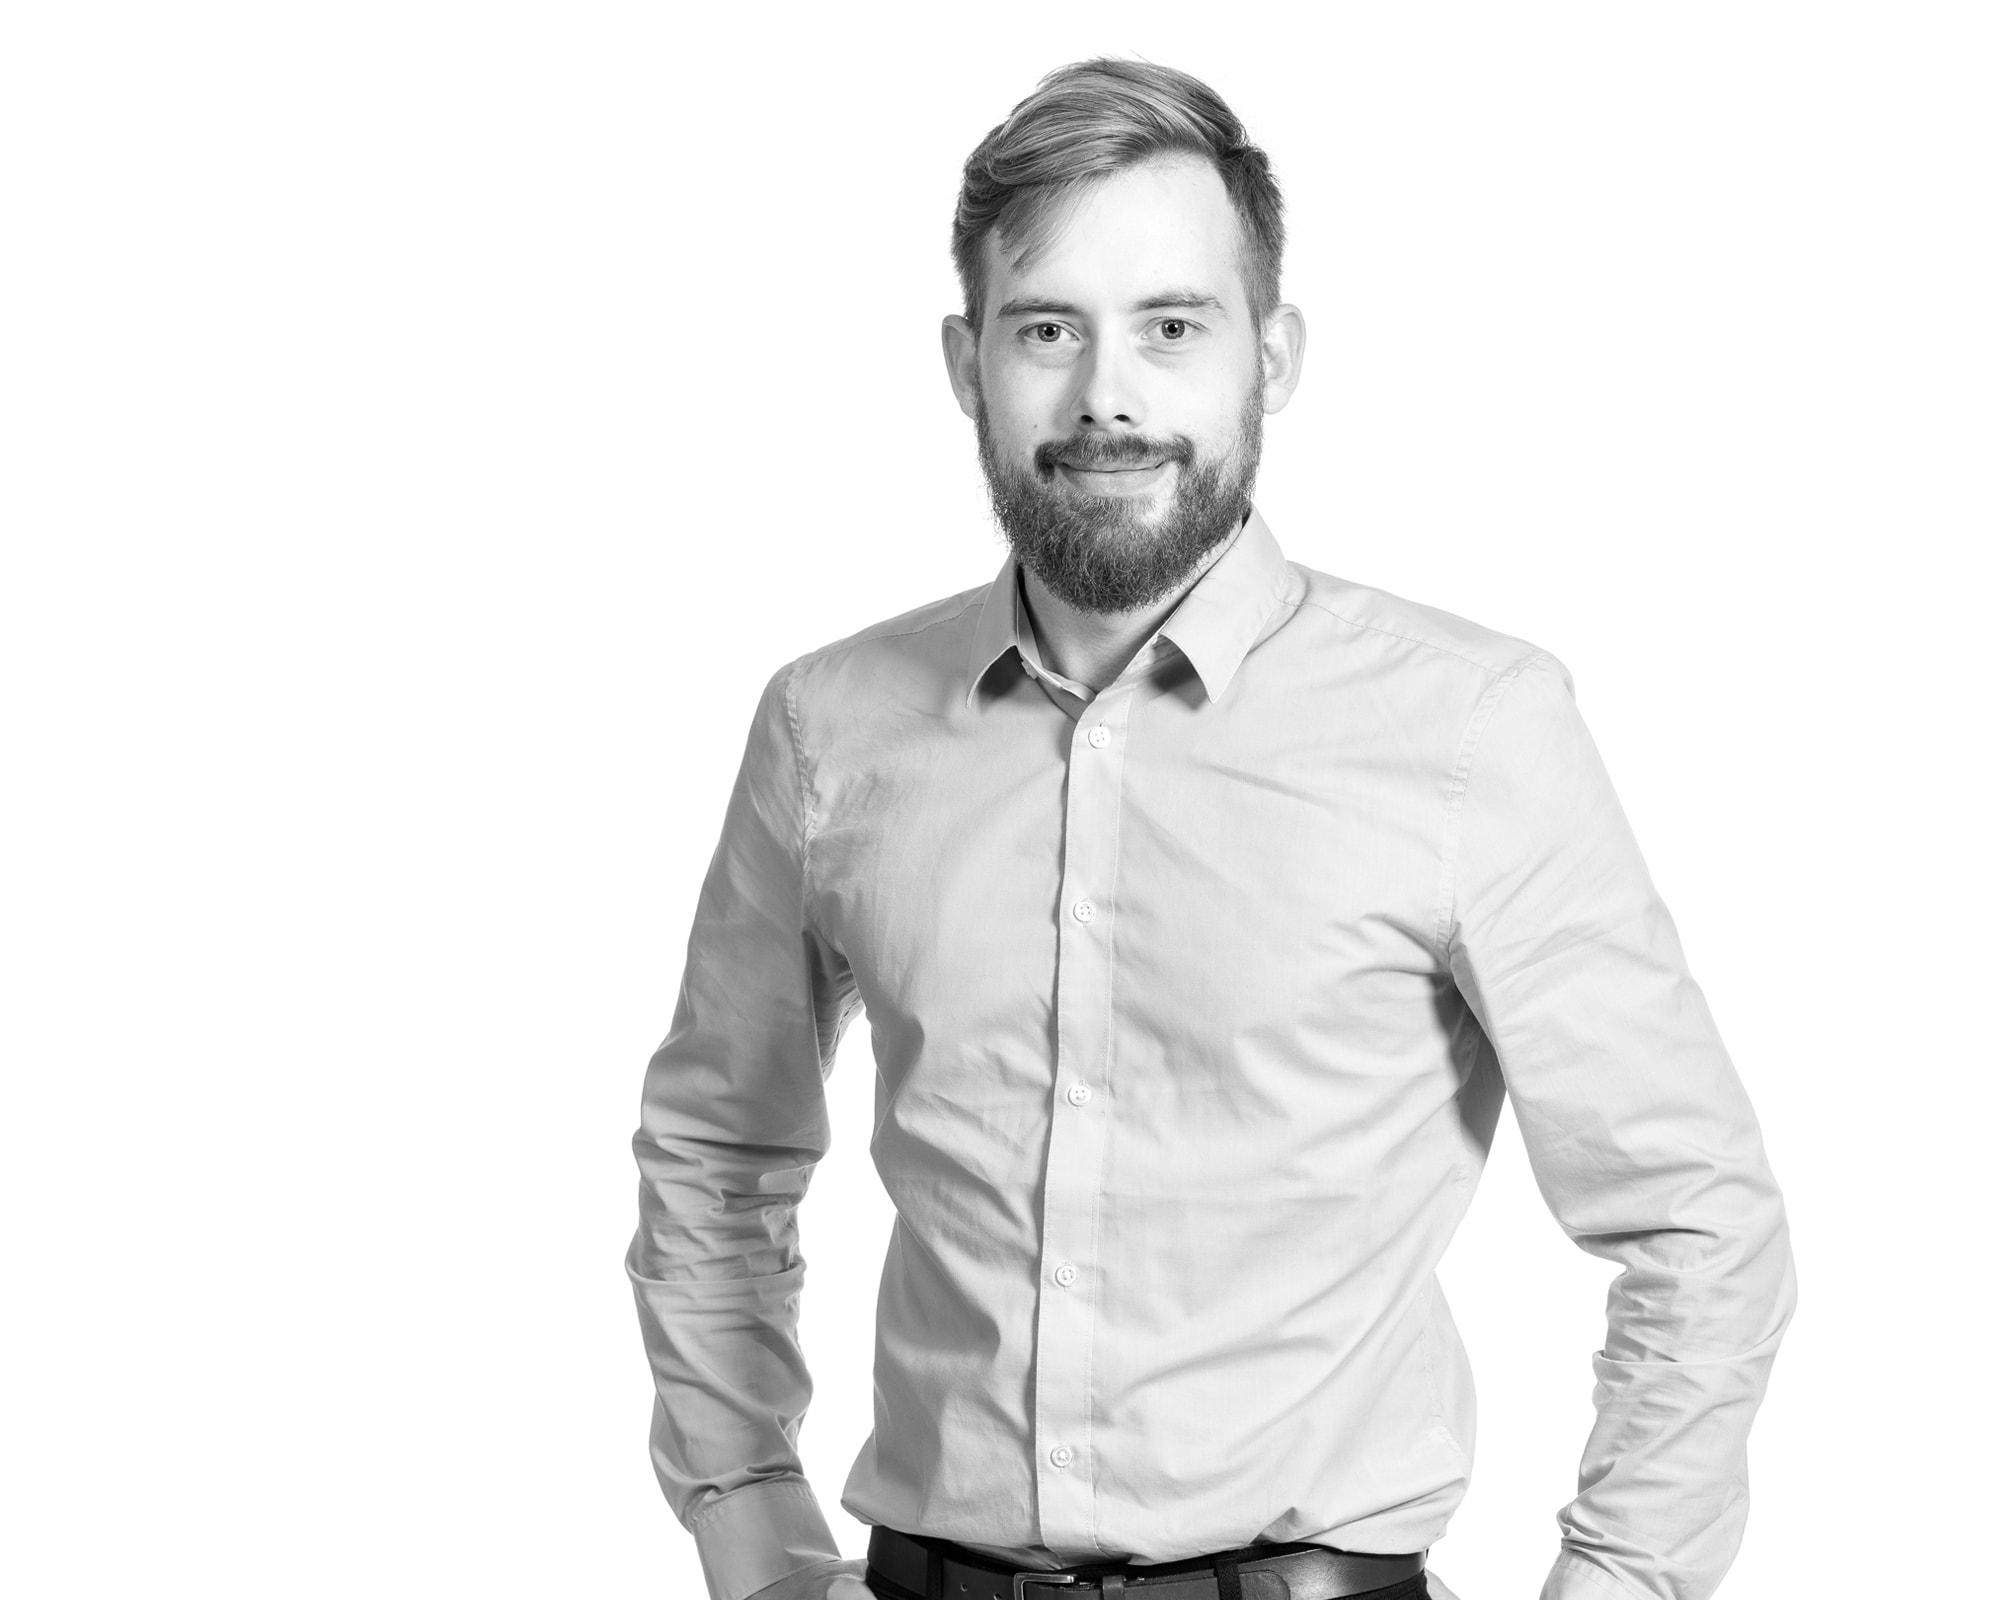 Jesper Frøkjær